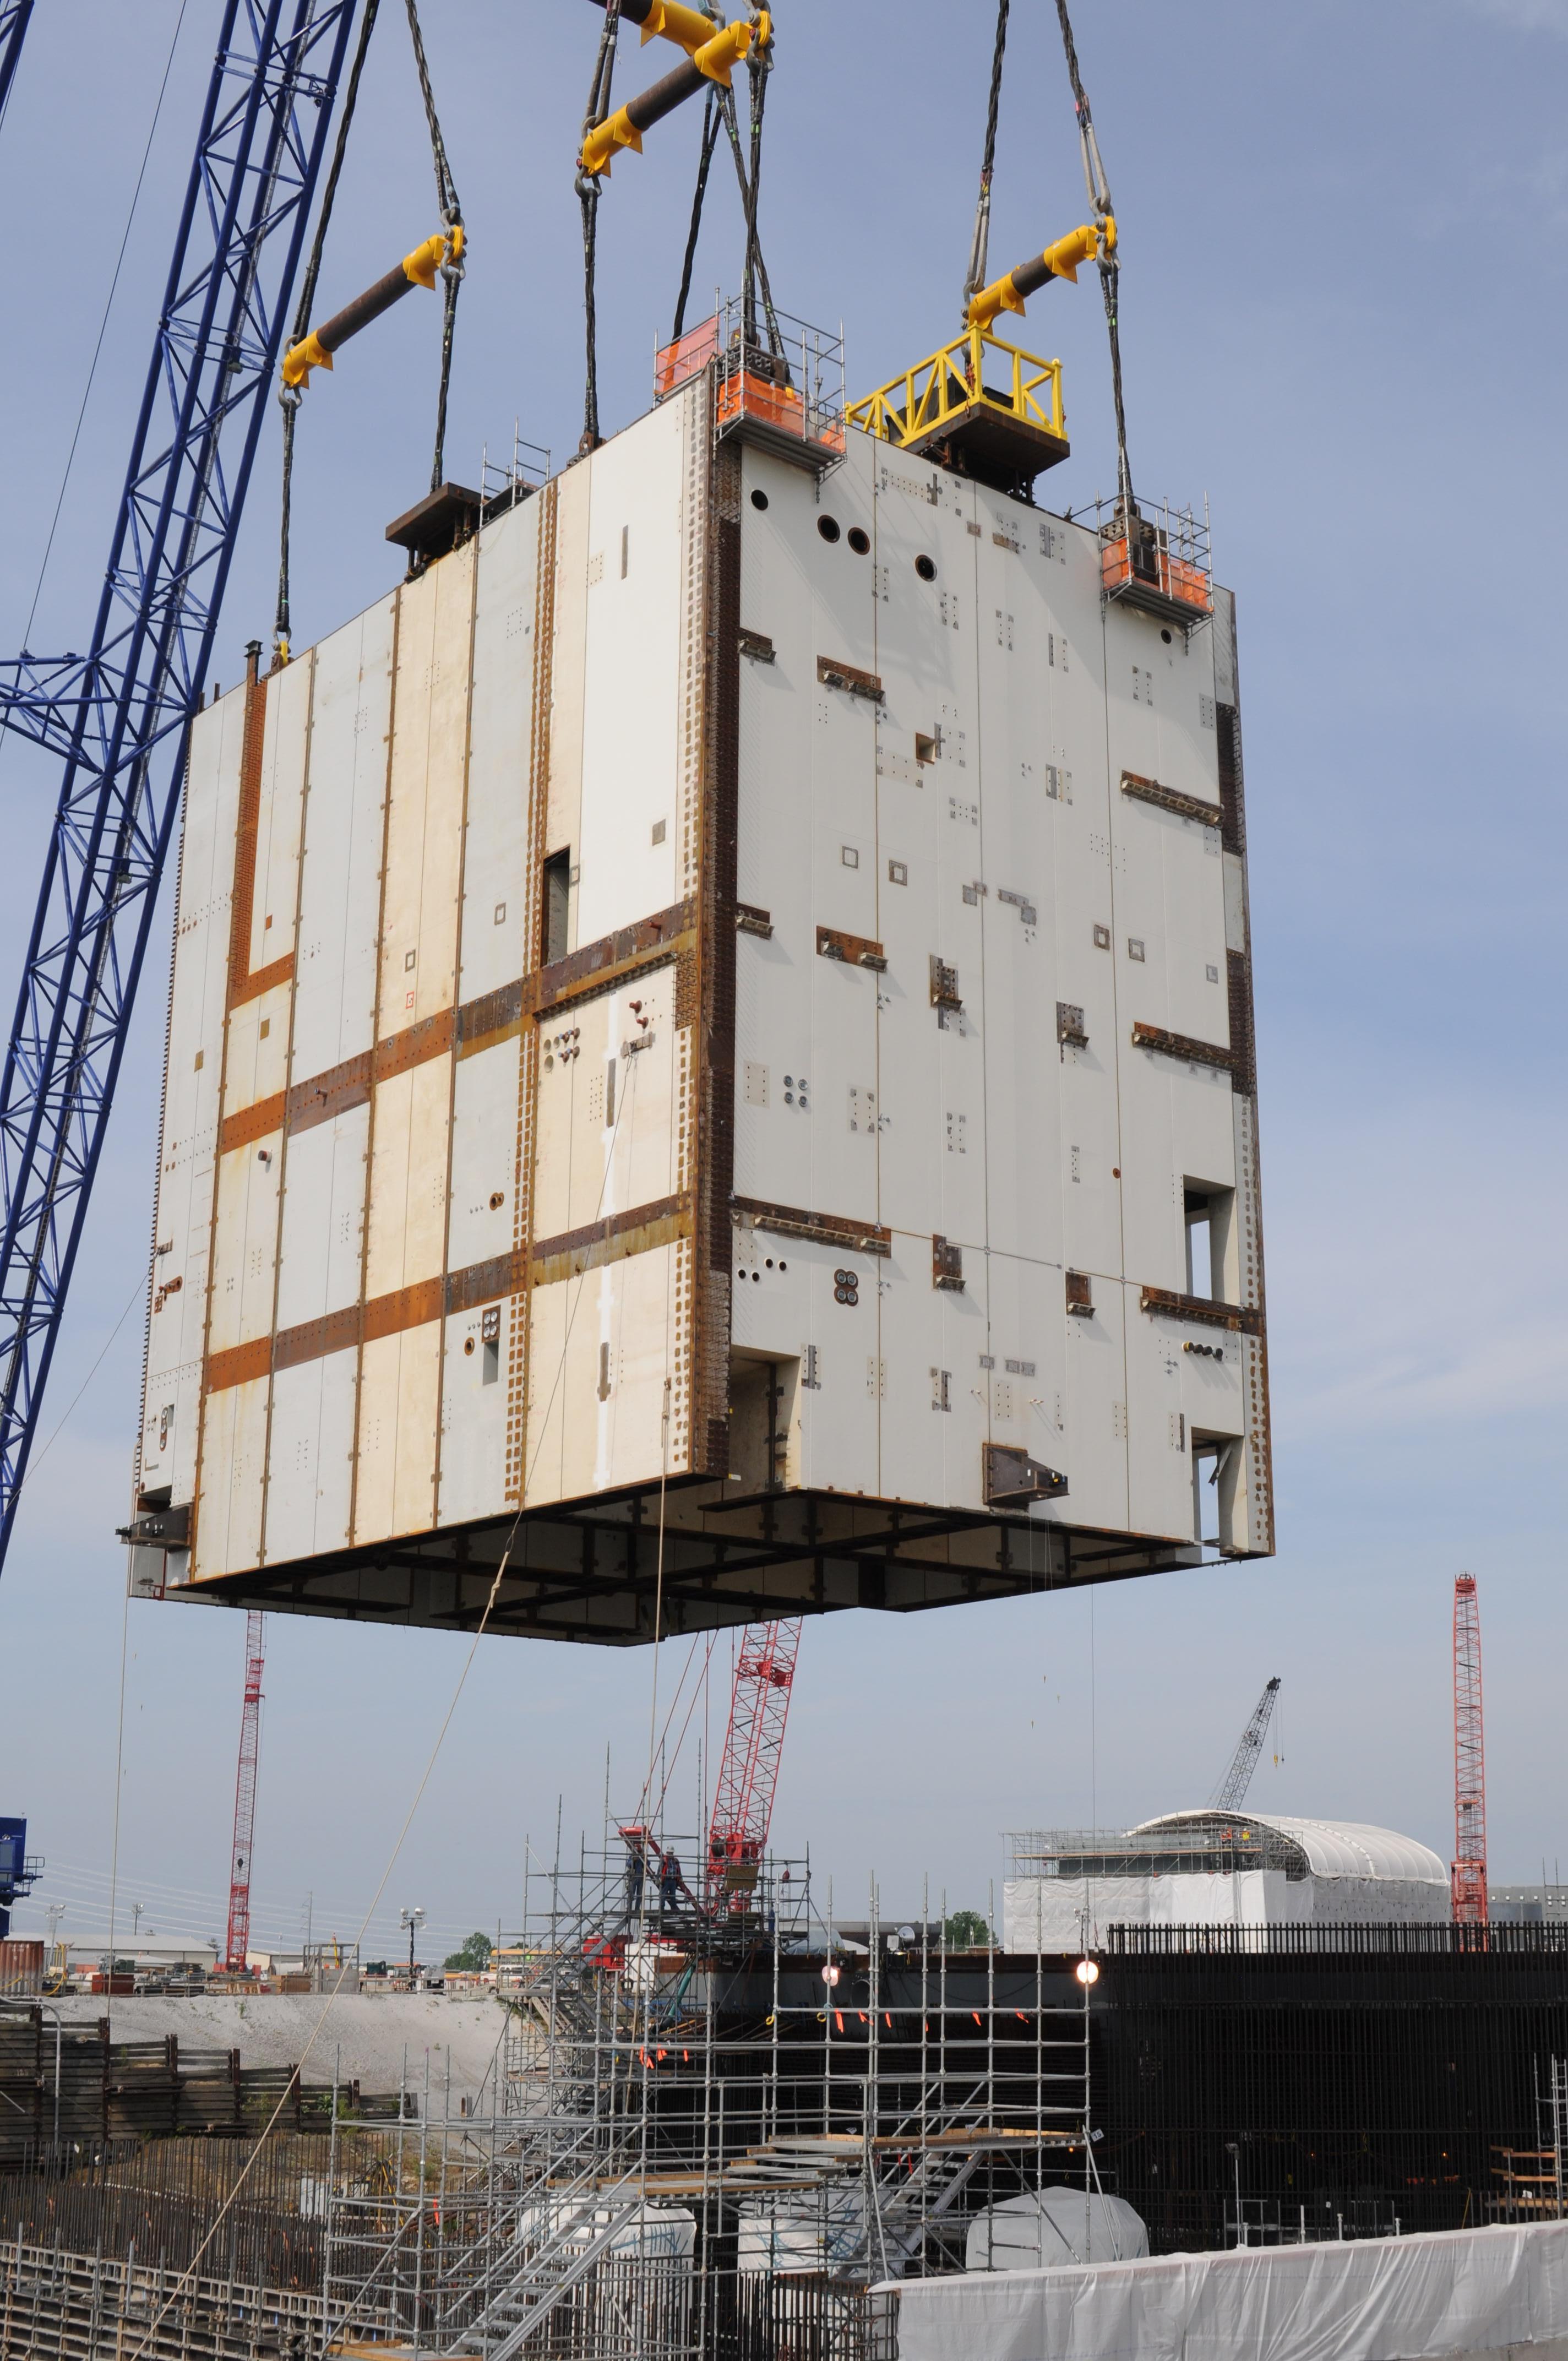 Společnost SCE&G připravuje revizi harmonogramu výstavby V. C. Summer